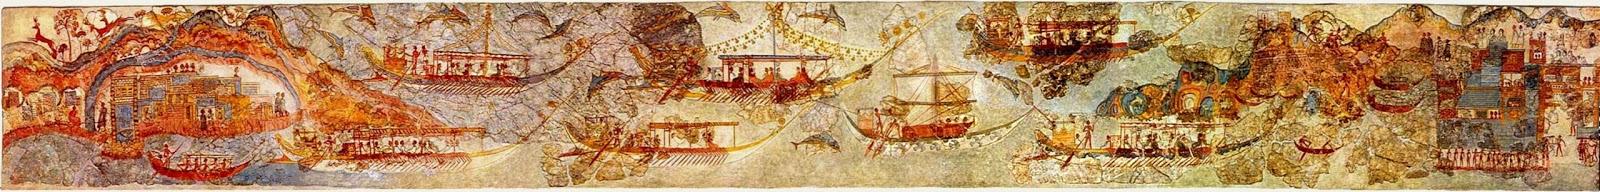 ship_procession